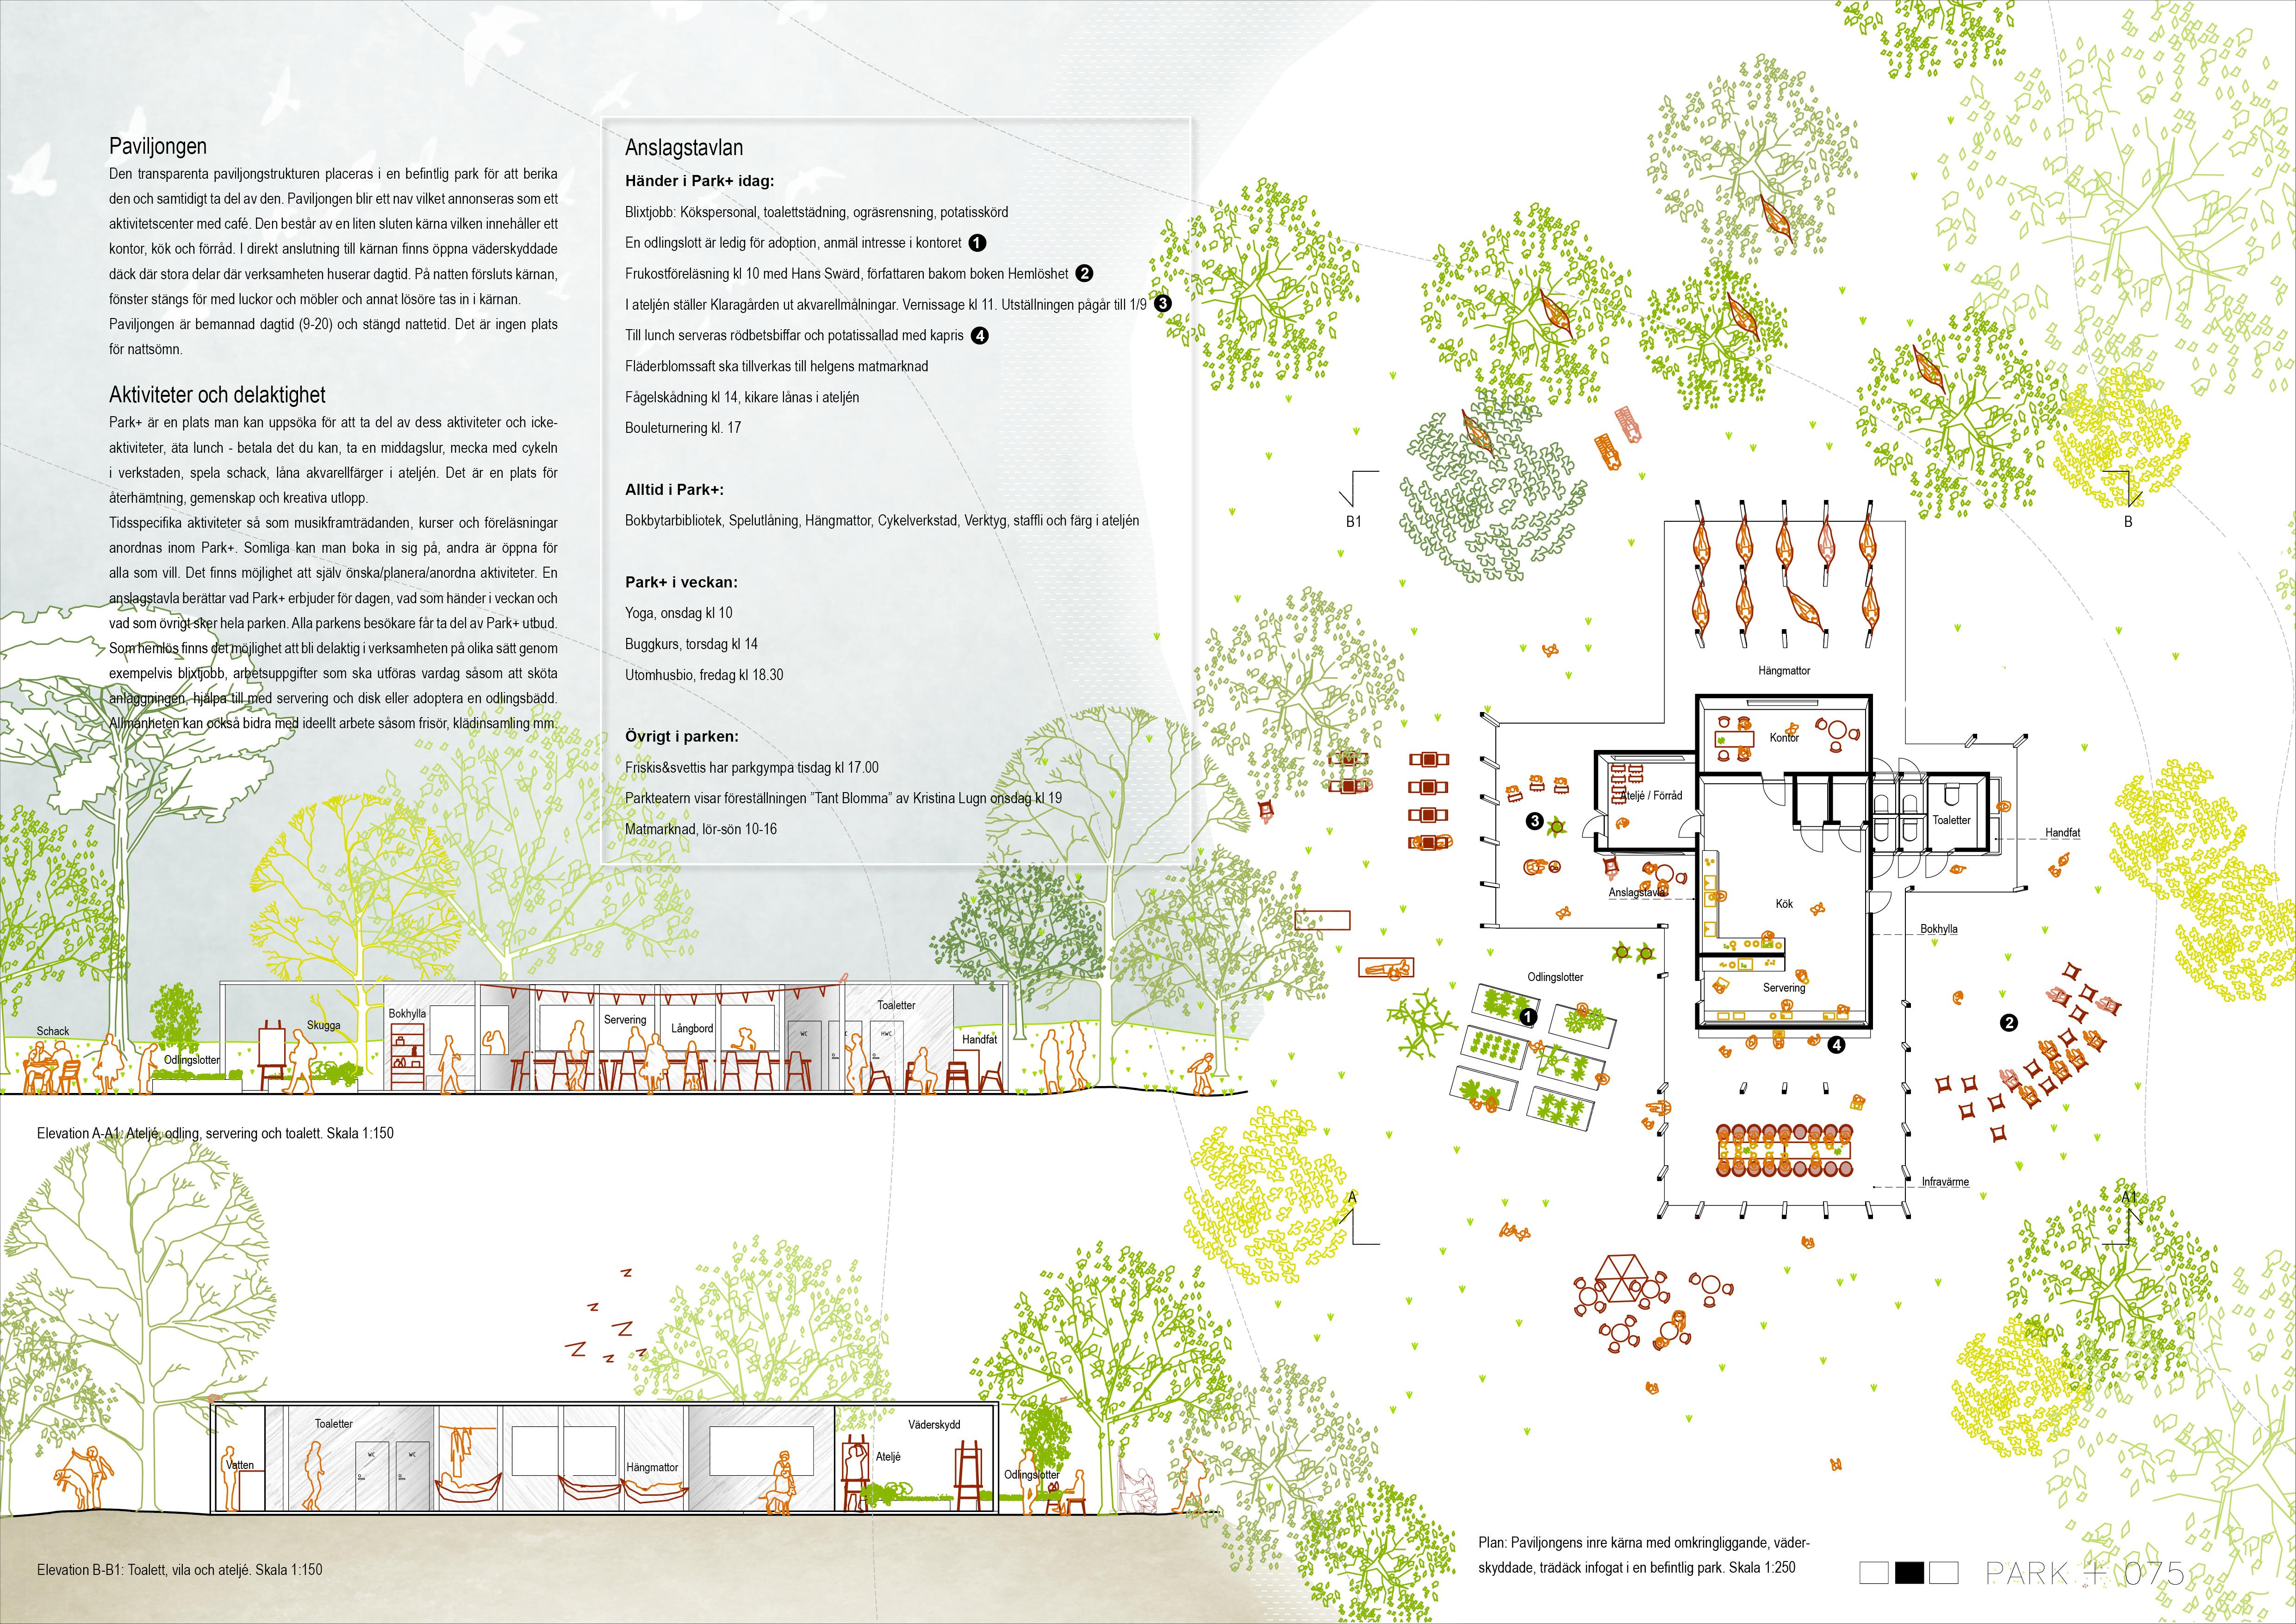 Park+ Hemlös_LAND_2015_tävling planch 2